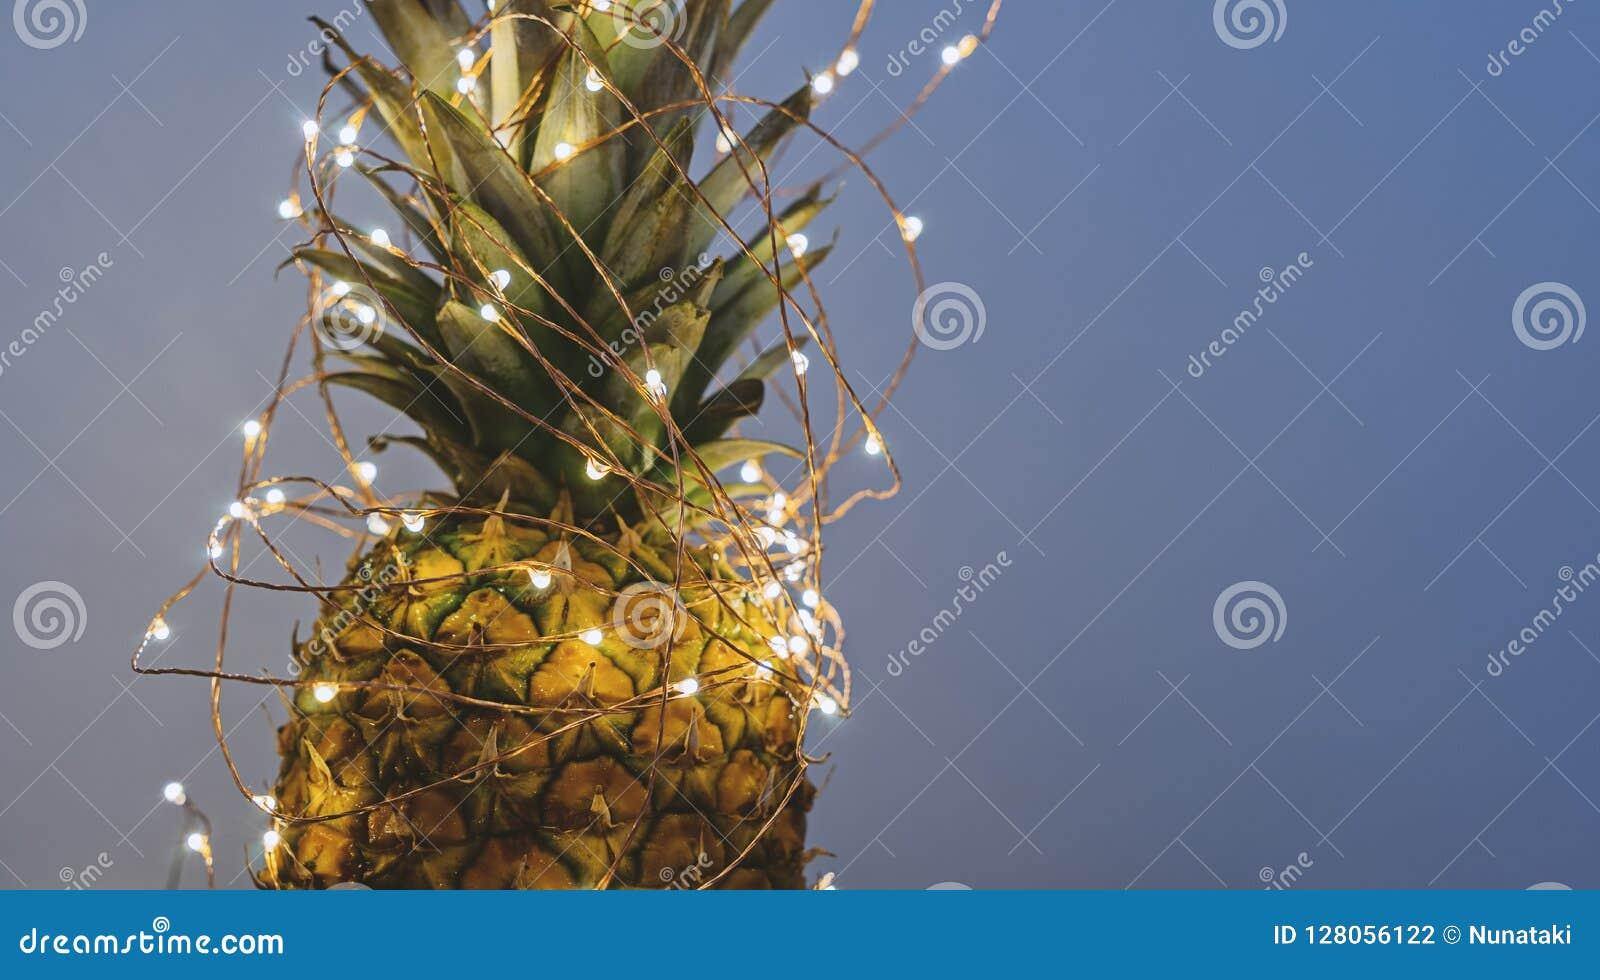 Widok ananas z bożonarodzeniowe światła